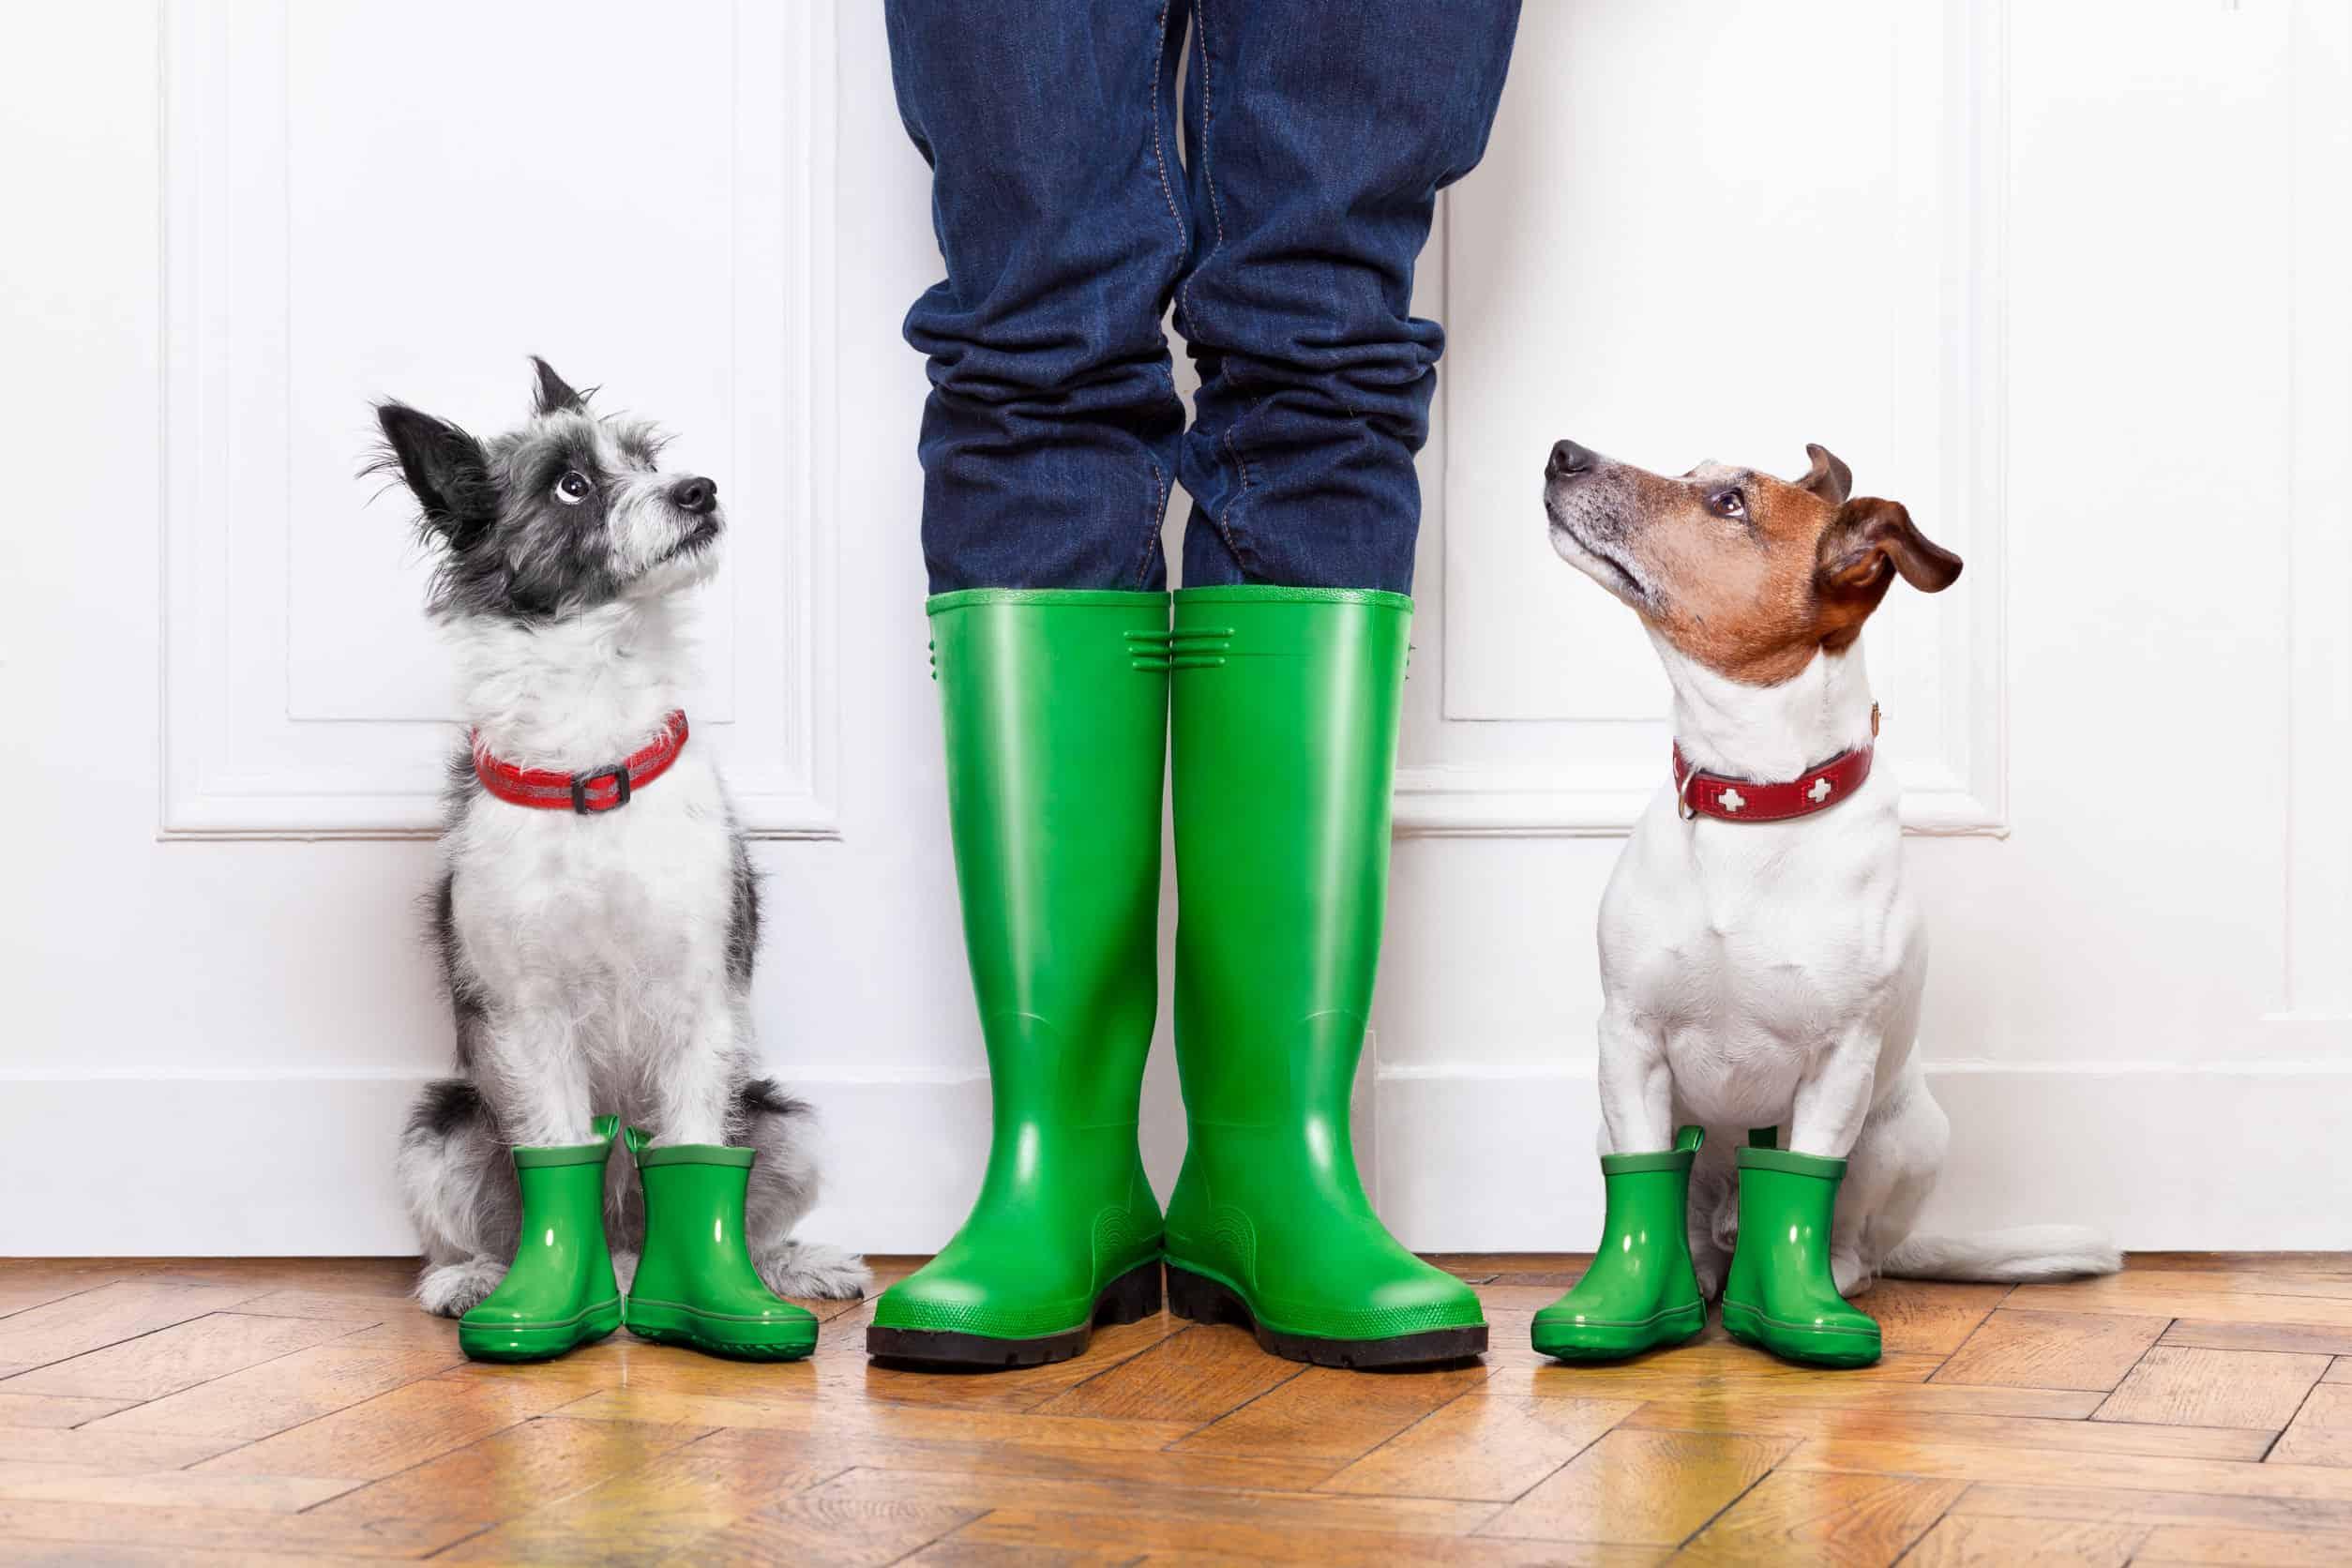 Hundeschuhe: Test & Empfehlungen (05/21)